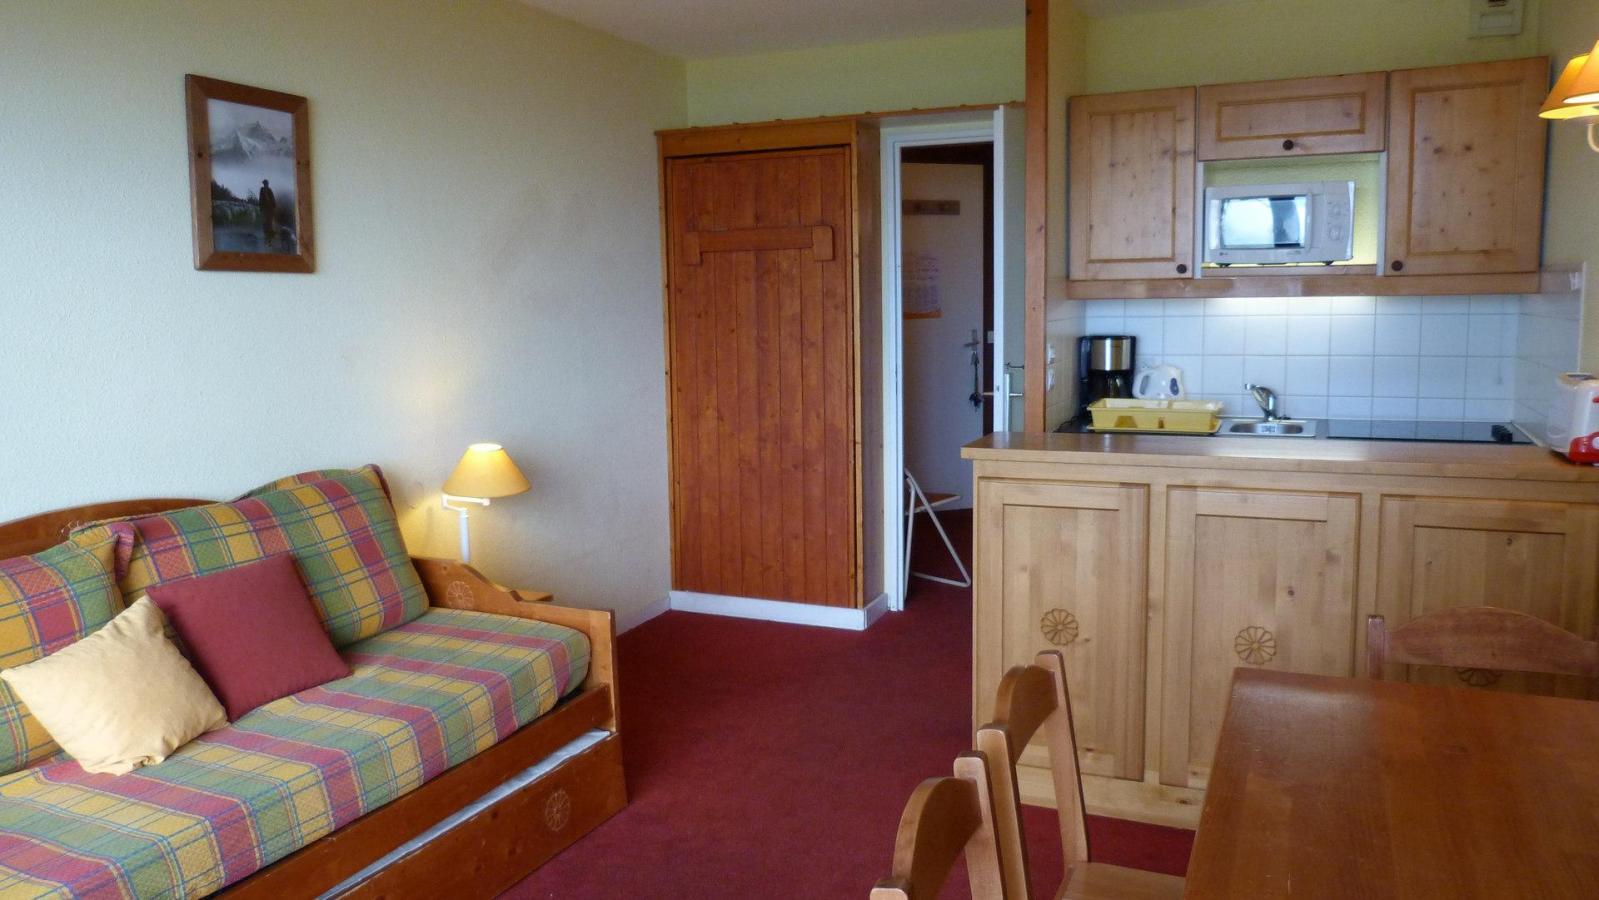 Location au ski Appartement 2 pièces 5 personnes (211) - Residence Le Ruitor - Les Arcs - Kitchenette